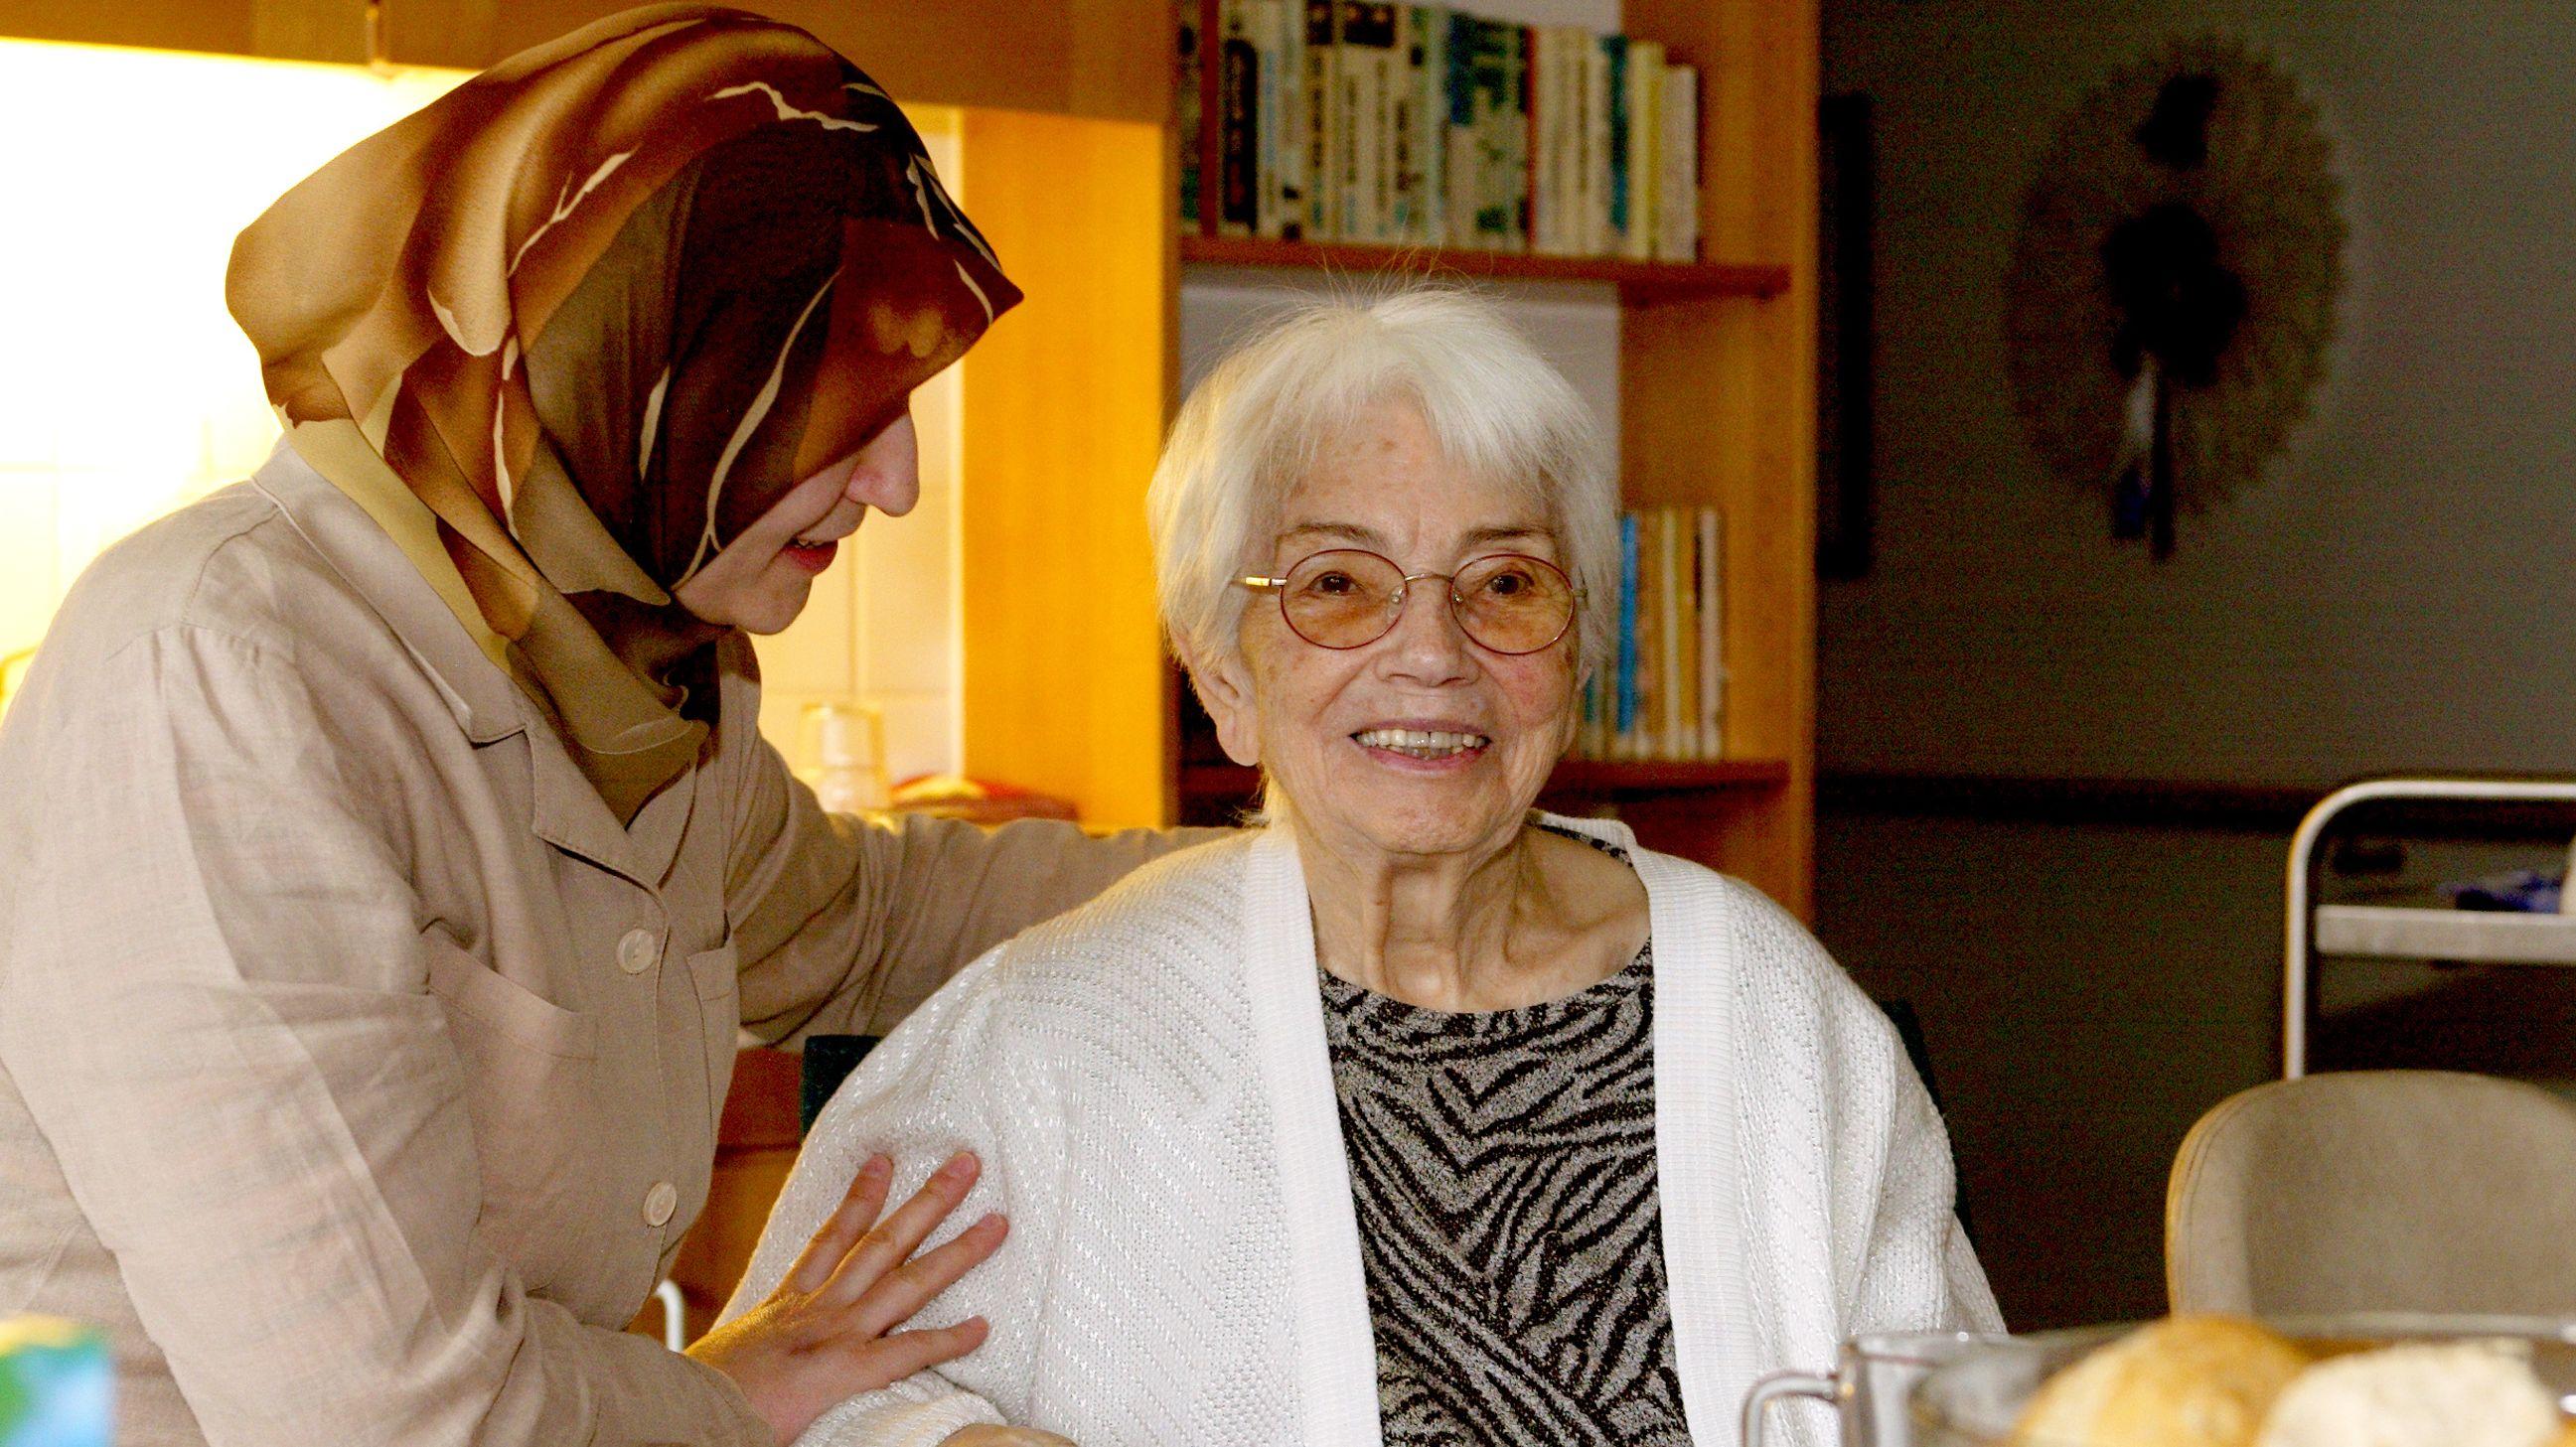 Eine Frau mit Kopftuch legt den Arm um eine ältere, sitzende Frau in einem Altenheim.